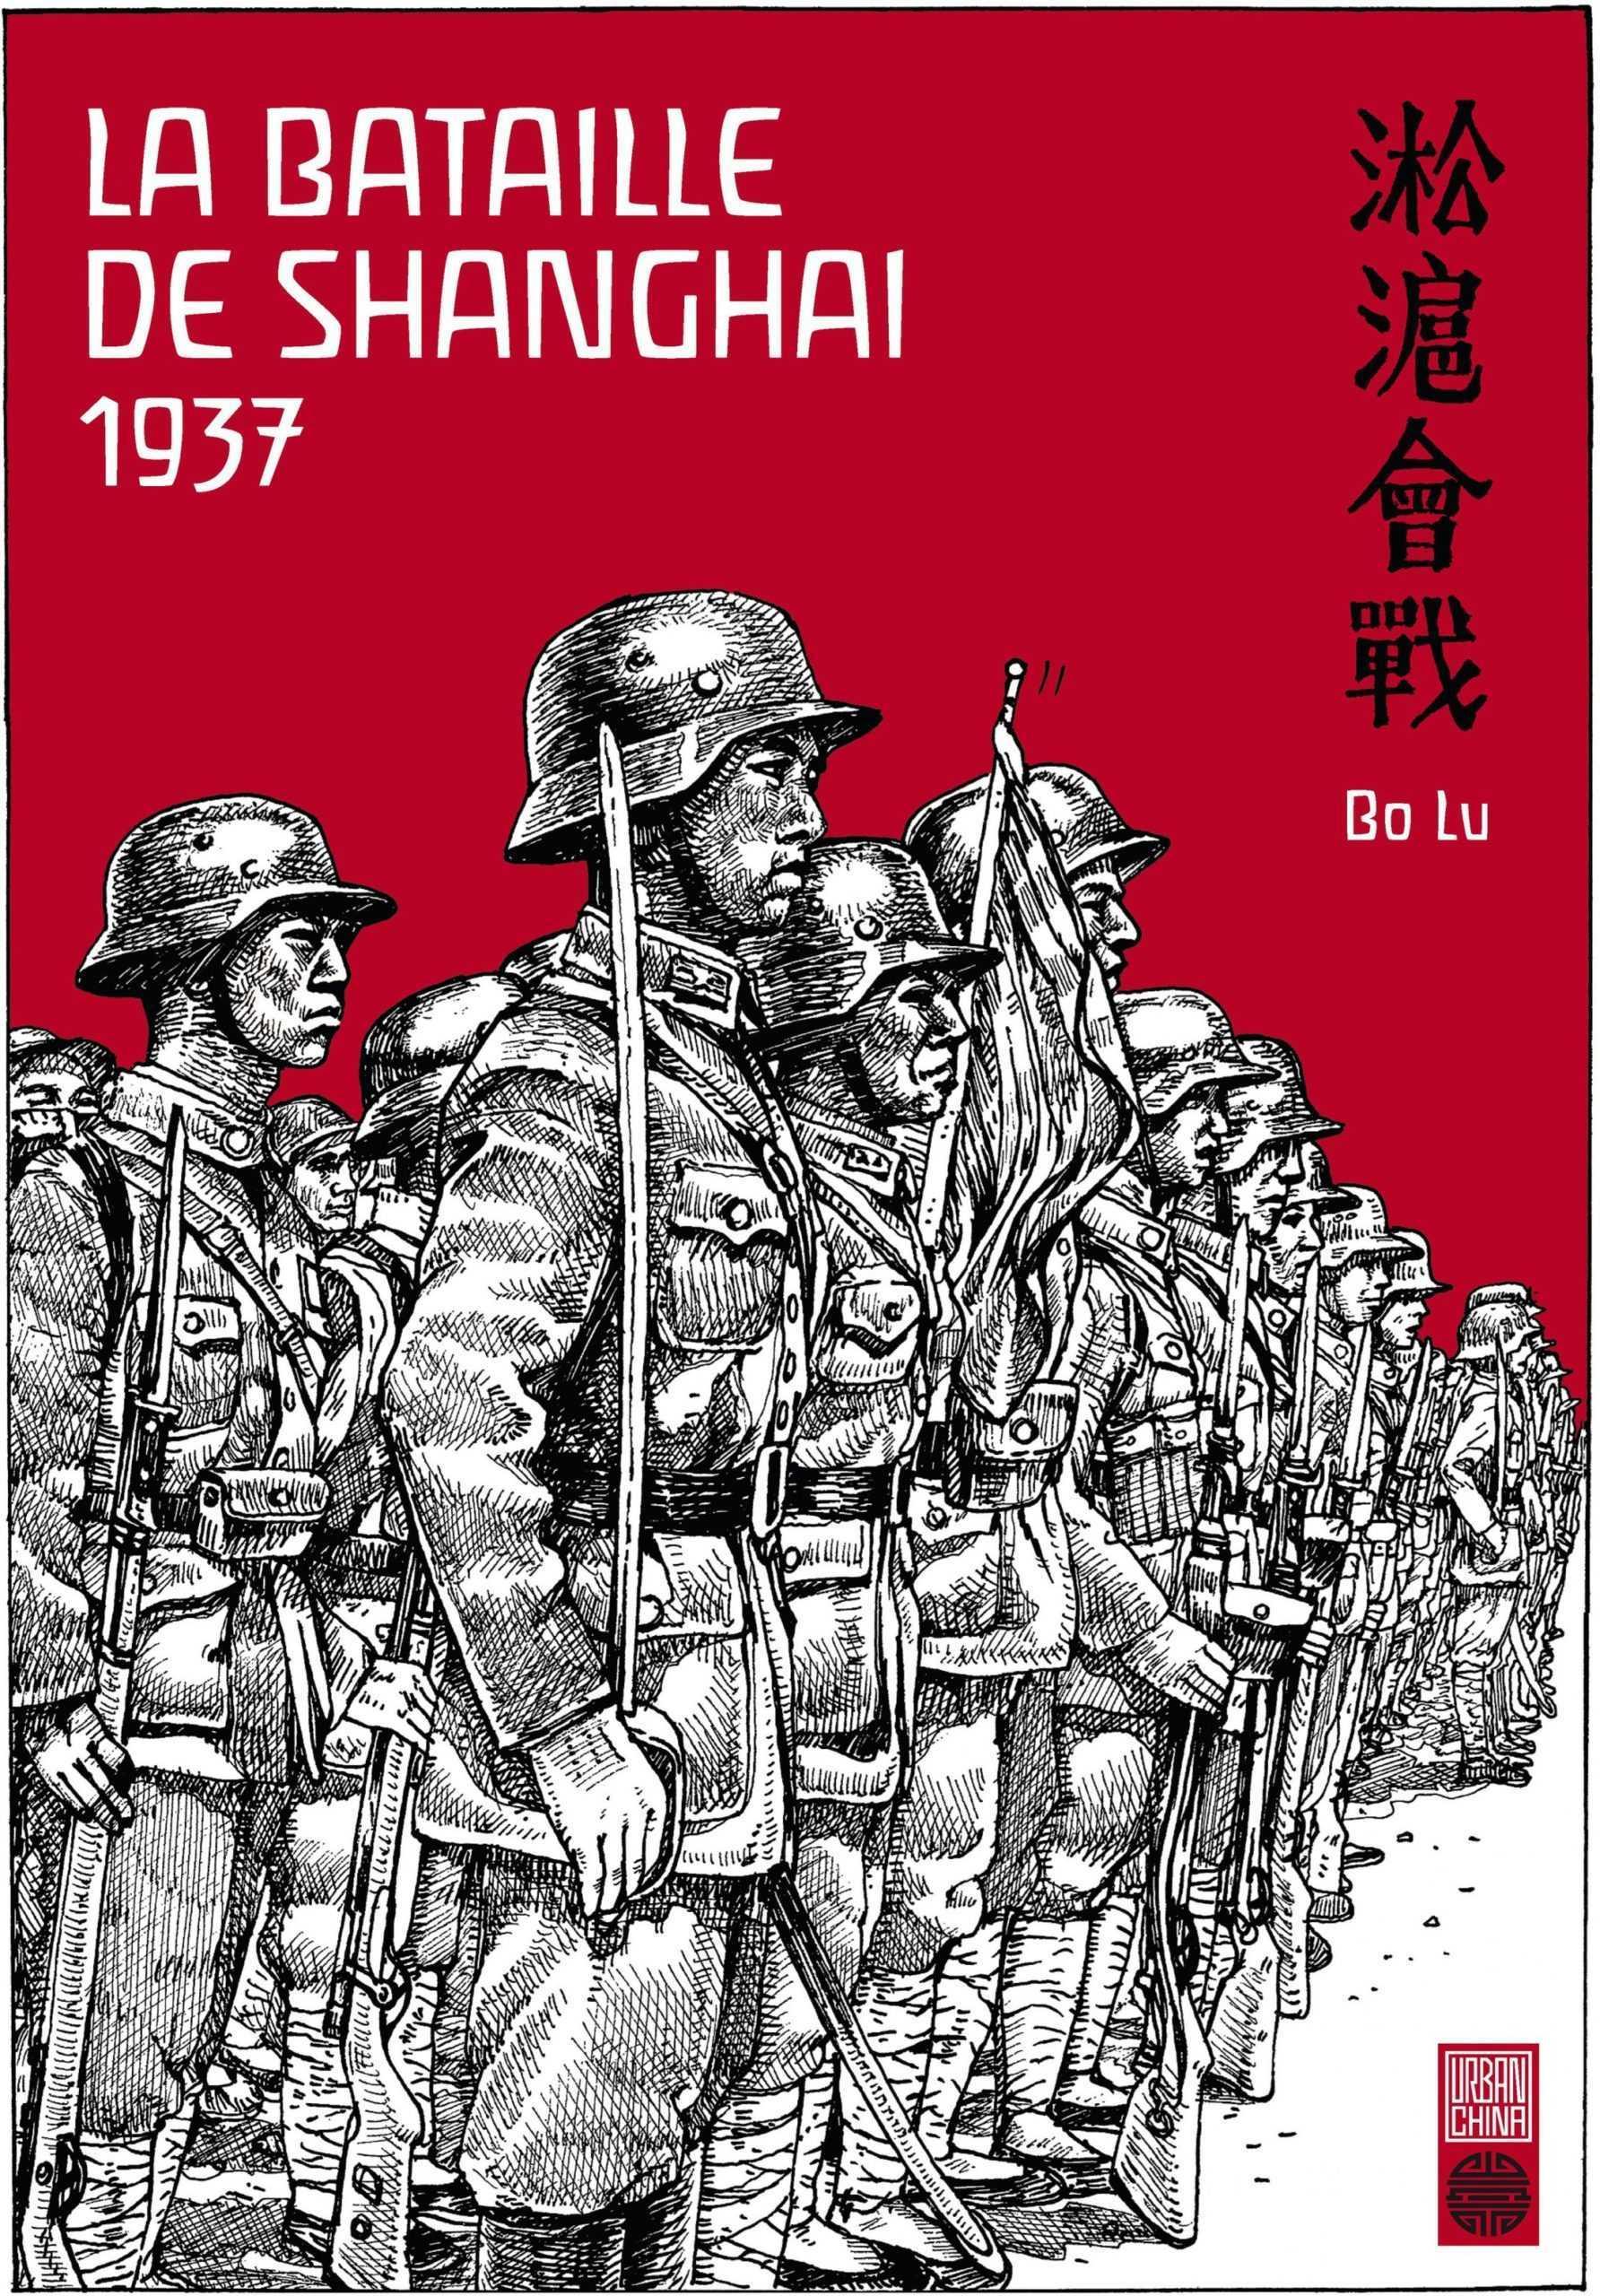 La Bataille de Shanghai 1937, une référence historique